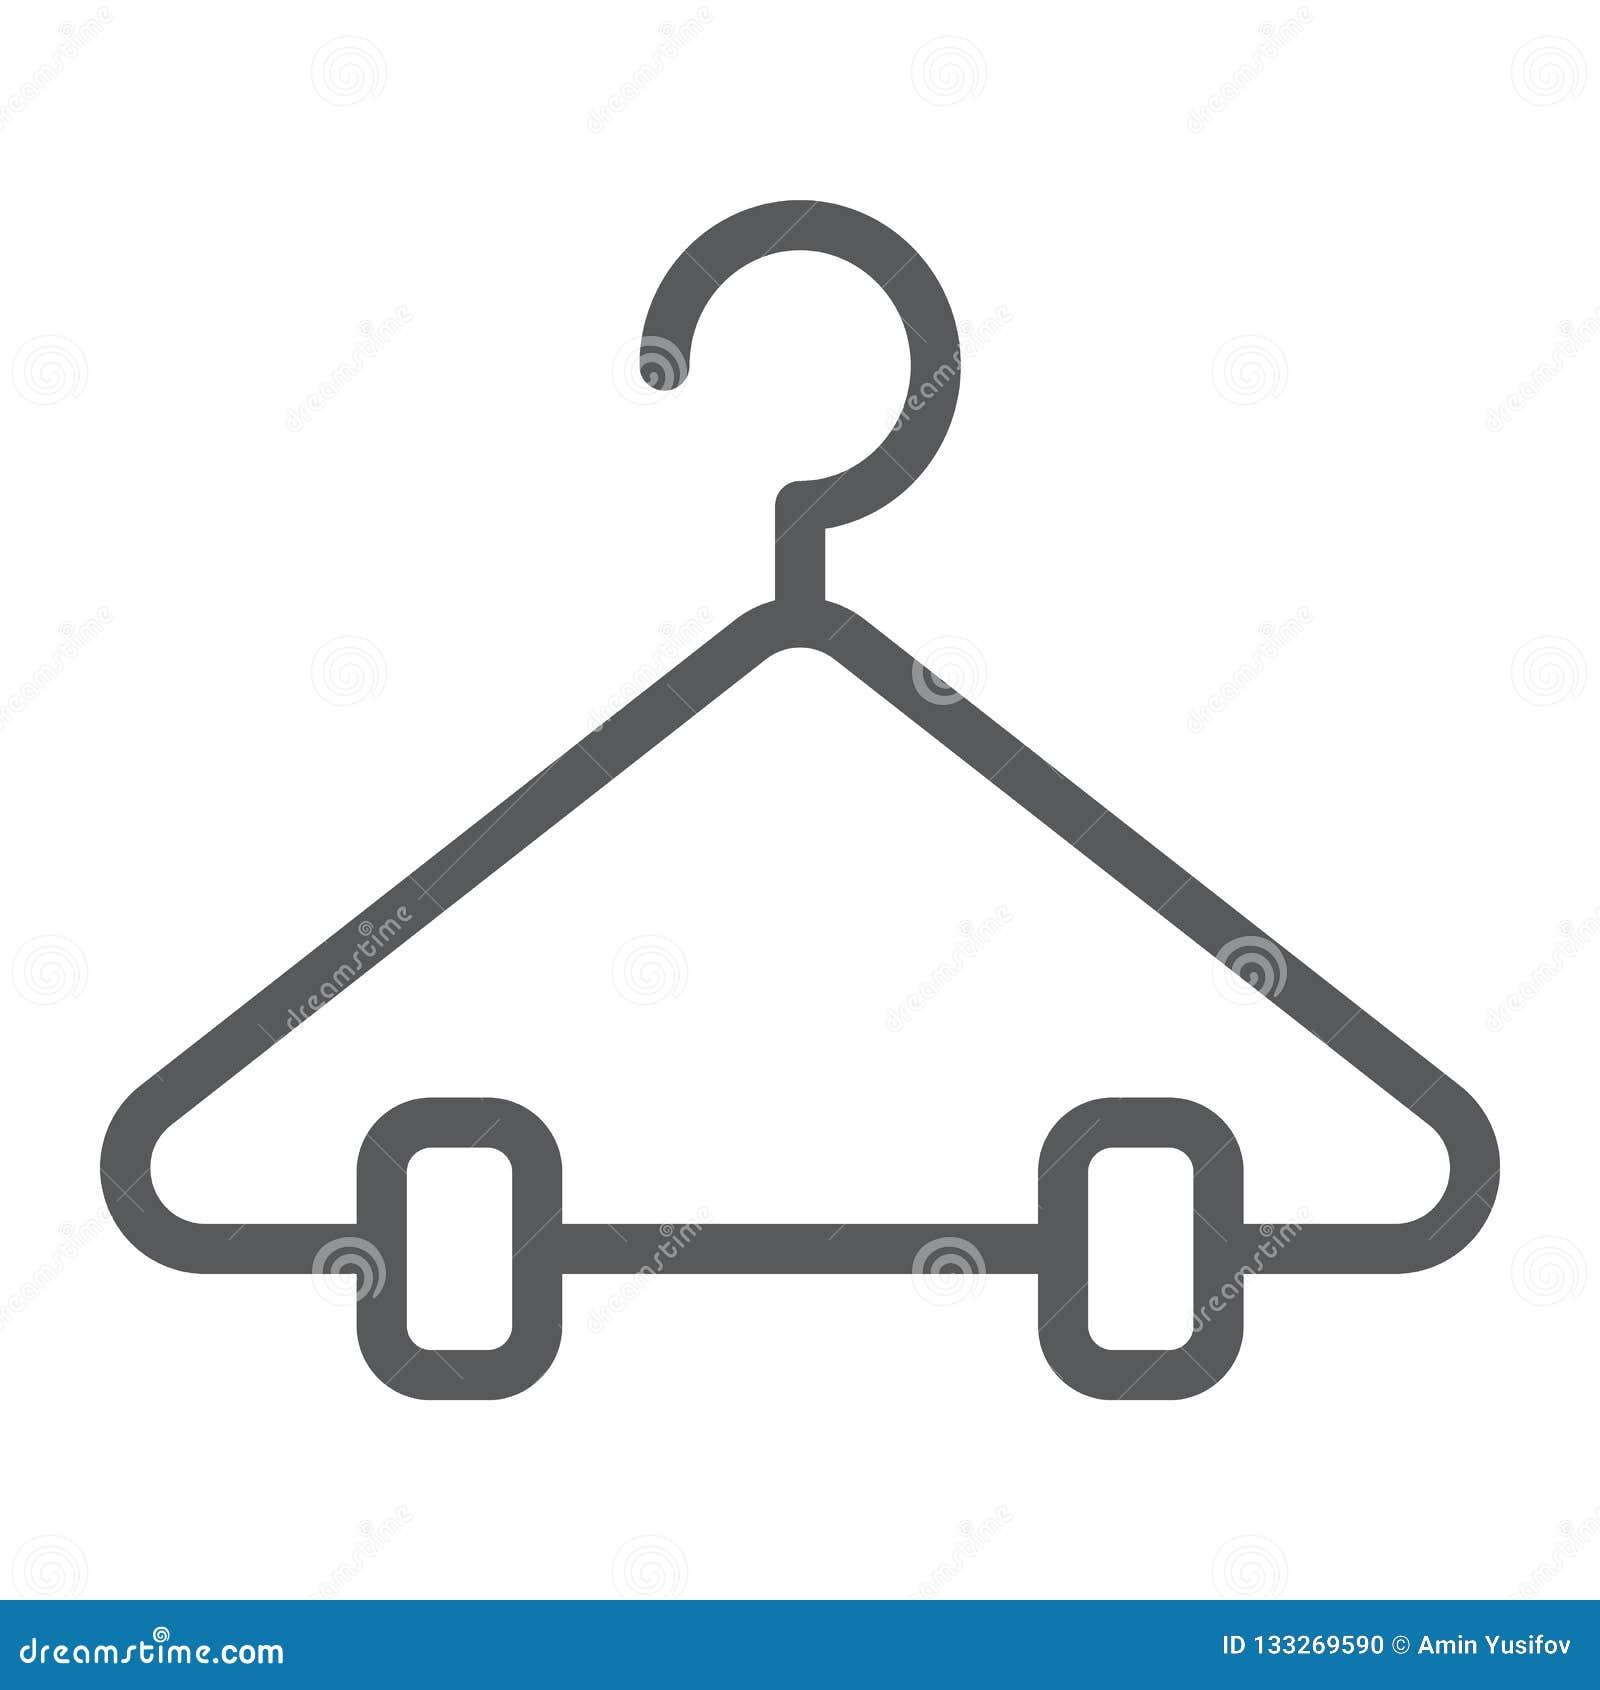 Linea icona del gancio, gabinetto e guardaroba, segno dello scaffale, grafica vettoriale, un modello lineare su un fondo bianco